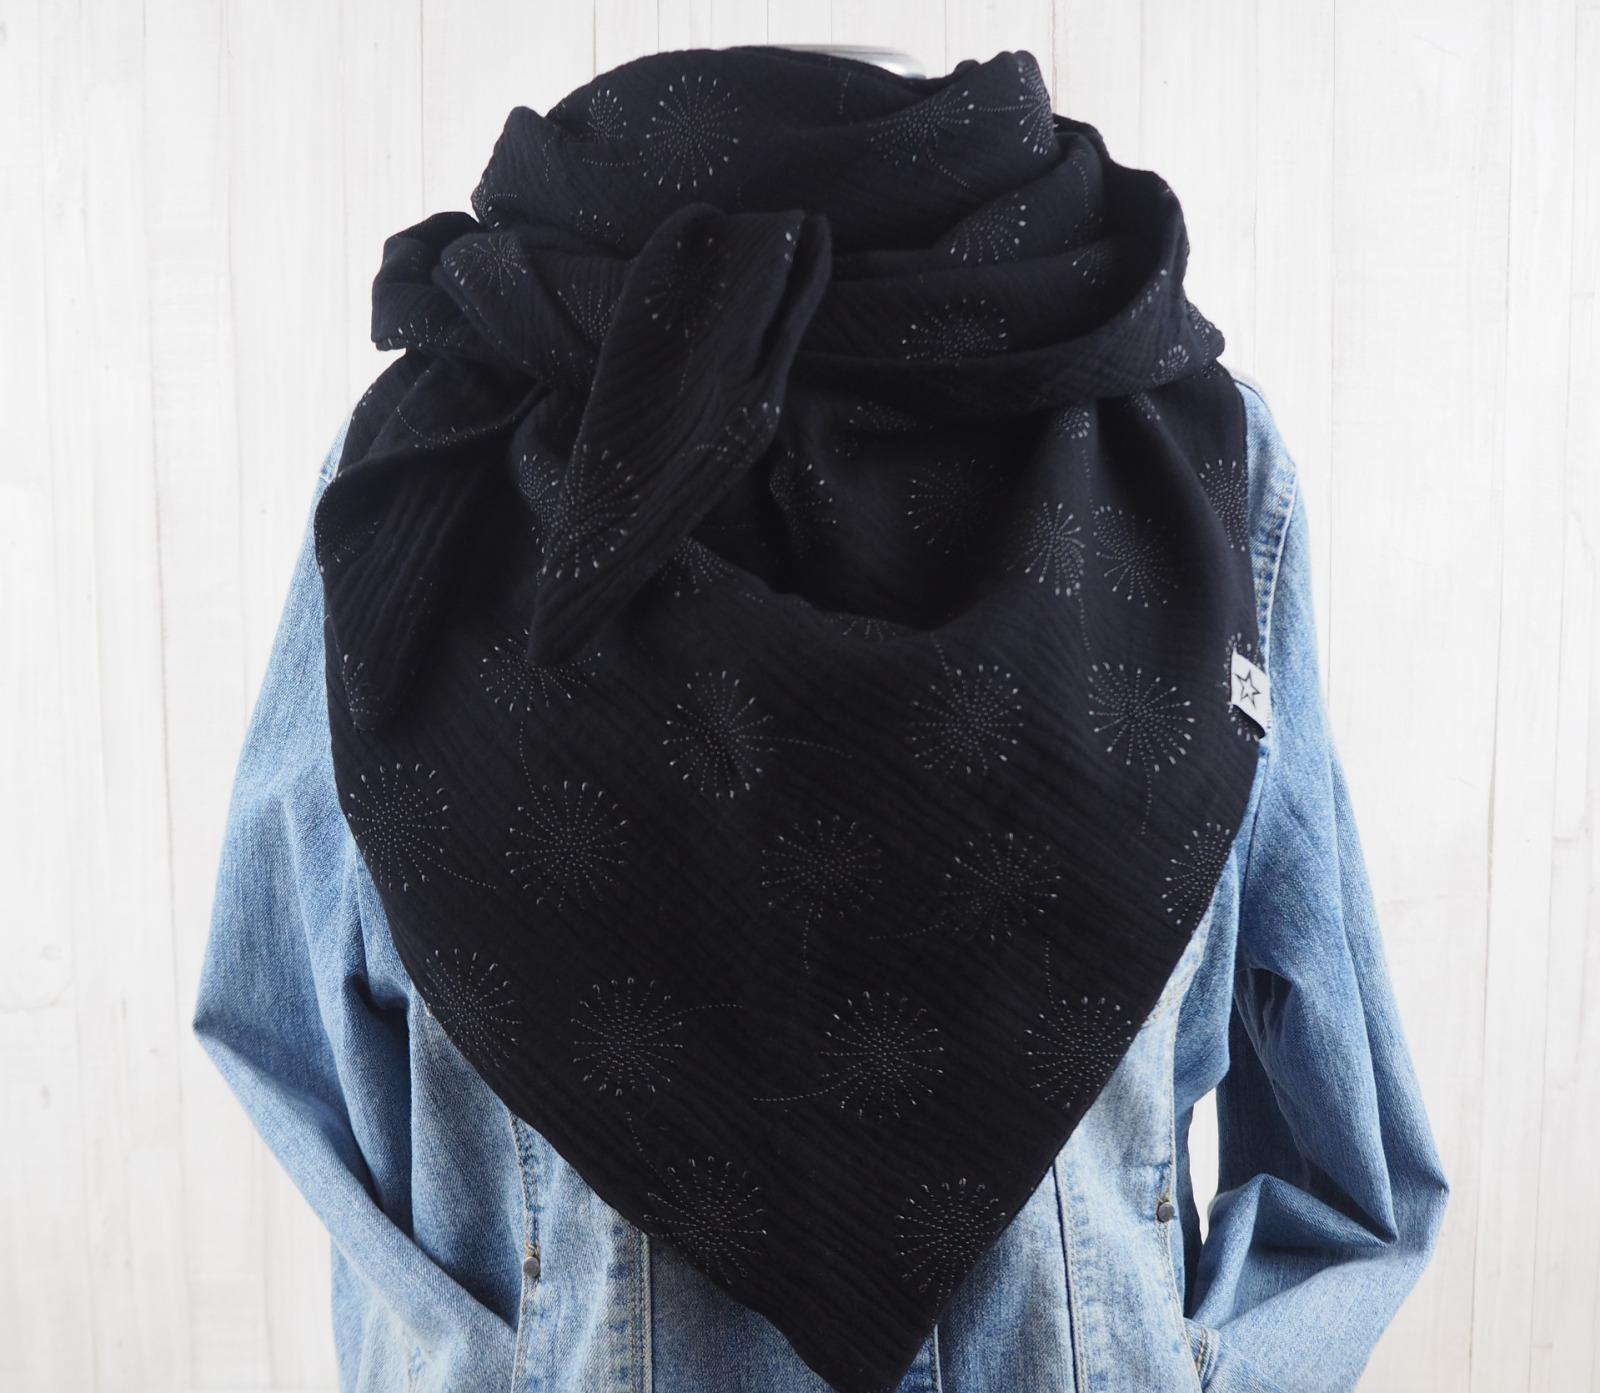 Tuch Dreieckstuch Musselin schwarz mit Pusteblumen